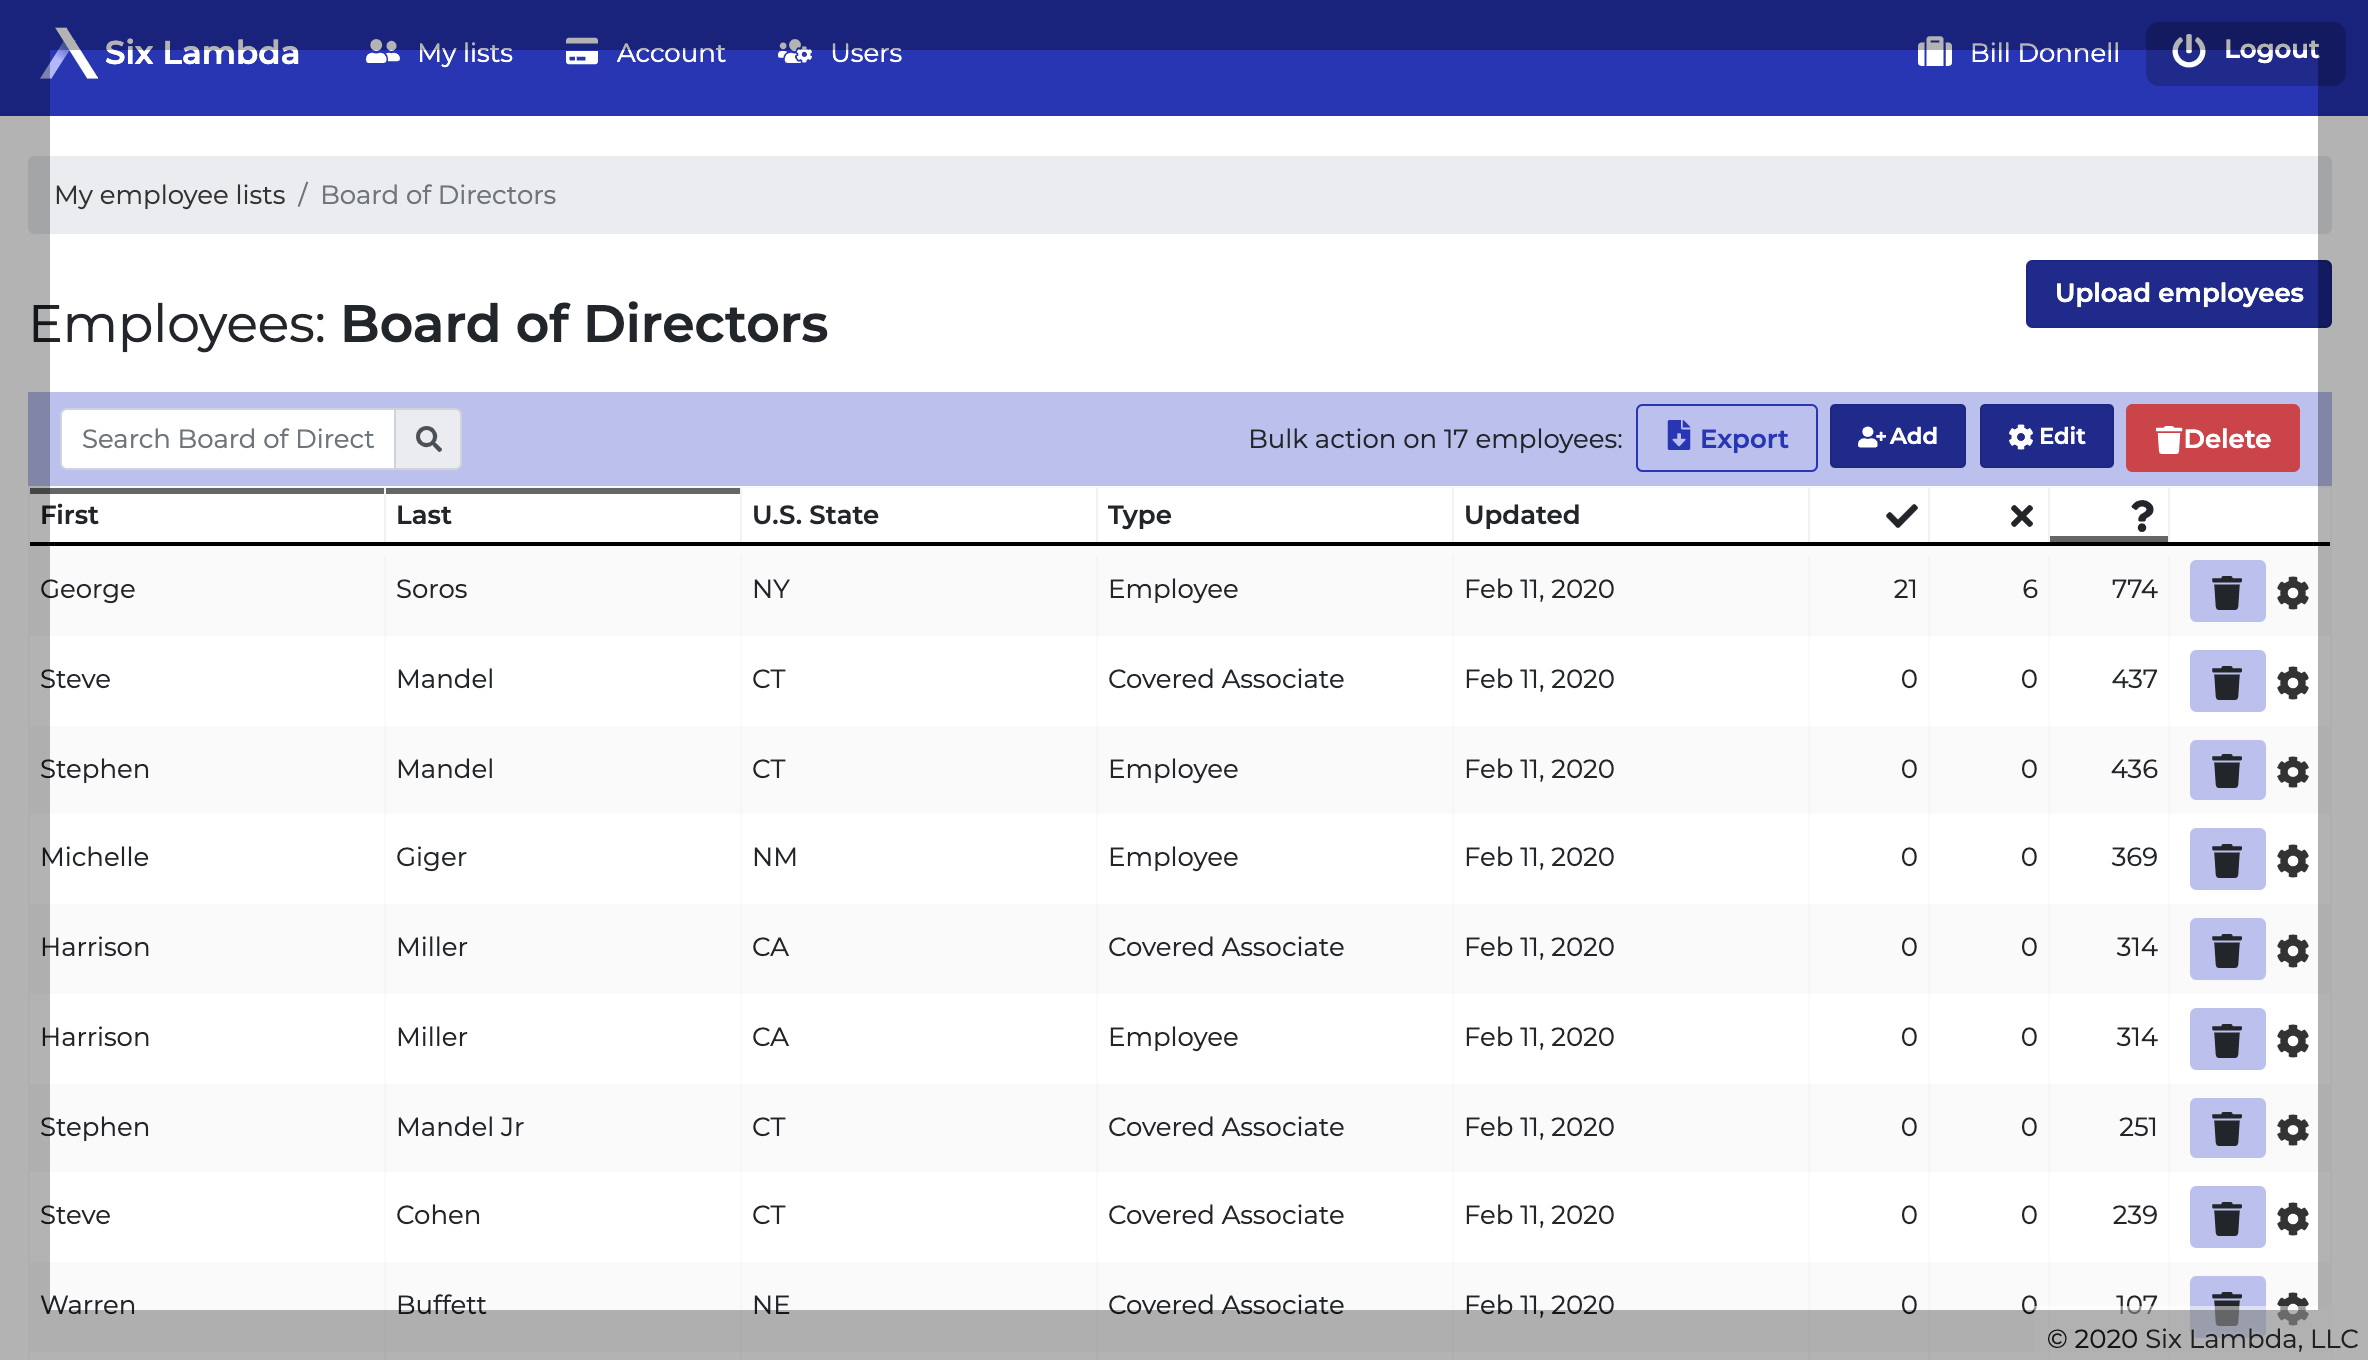 Six Lambda contribution list screenshot